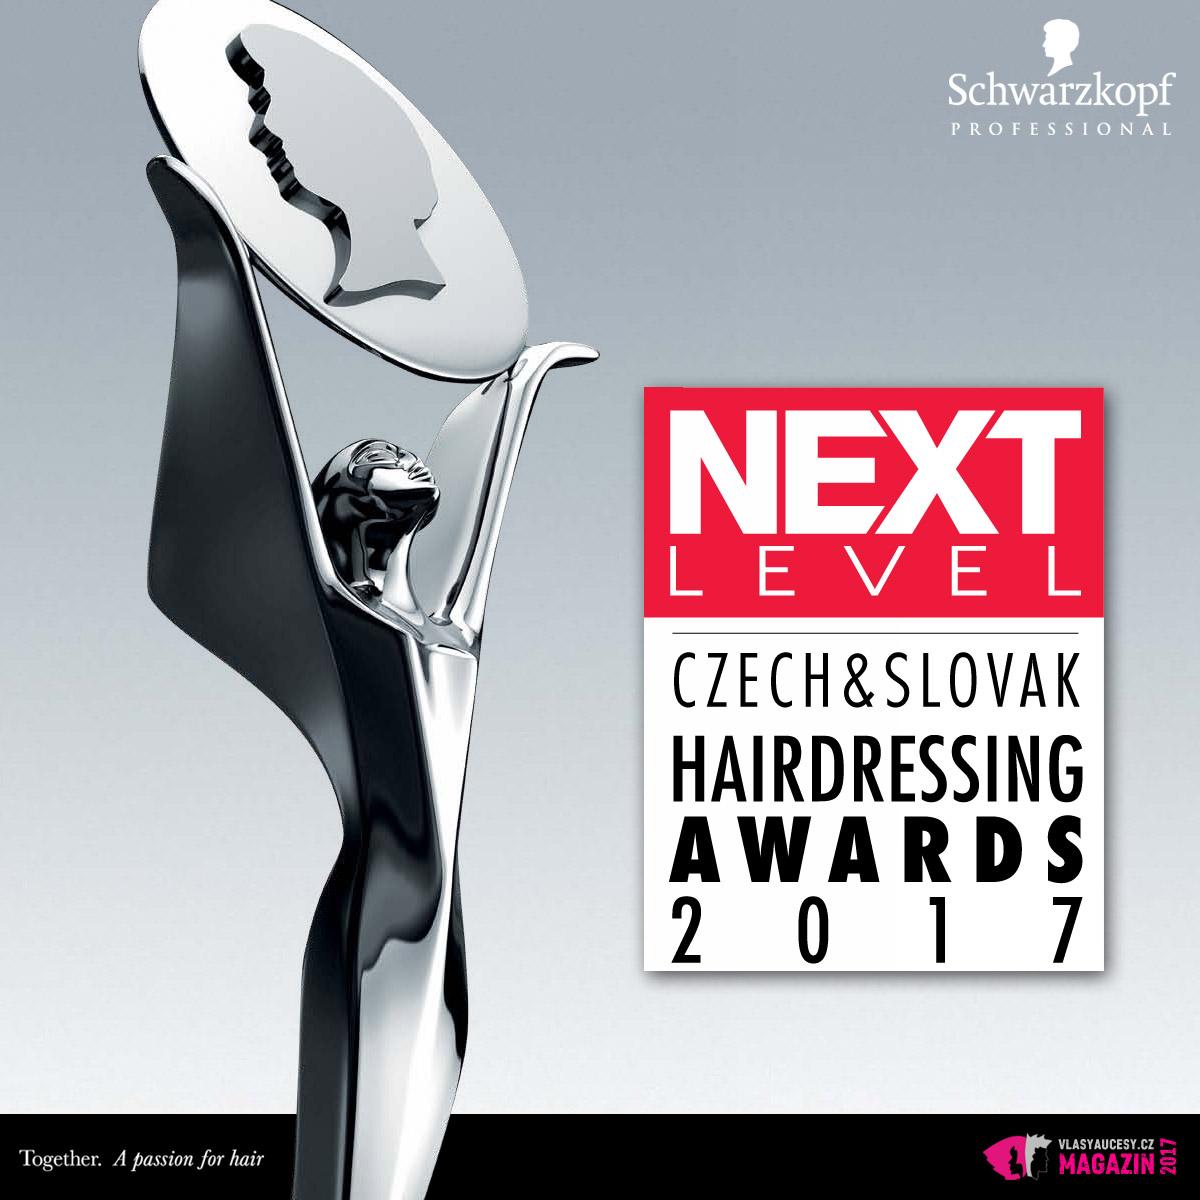 Nový, 15. ročník soutěže Czech and Slovak Hairdressing Awards 2017 známý i pod názvem Kadeřník roku 2017, startuje pod novým názvem Next Level 2017.